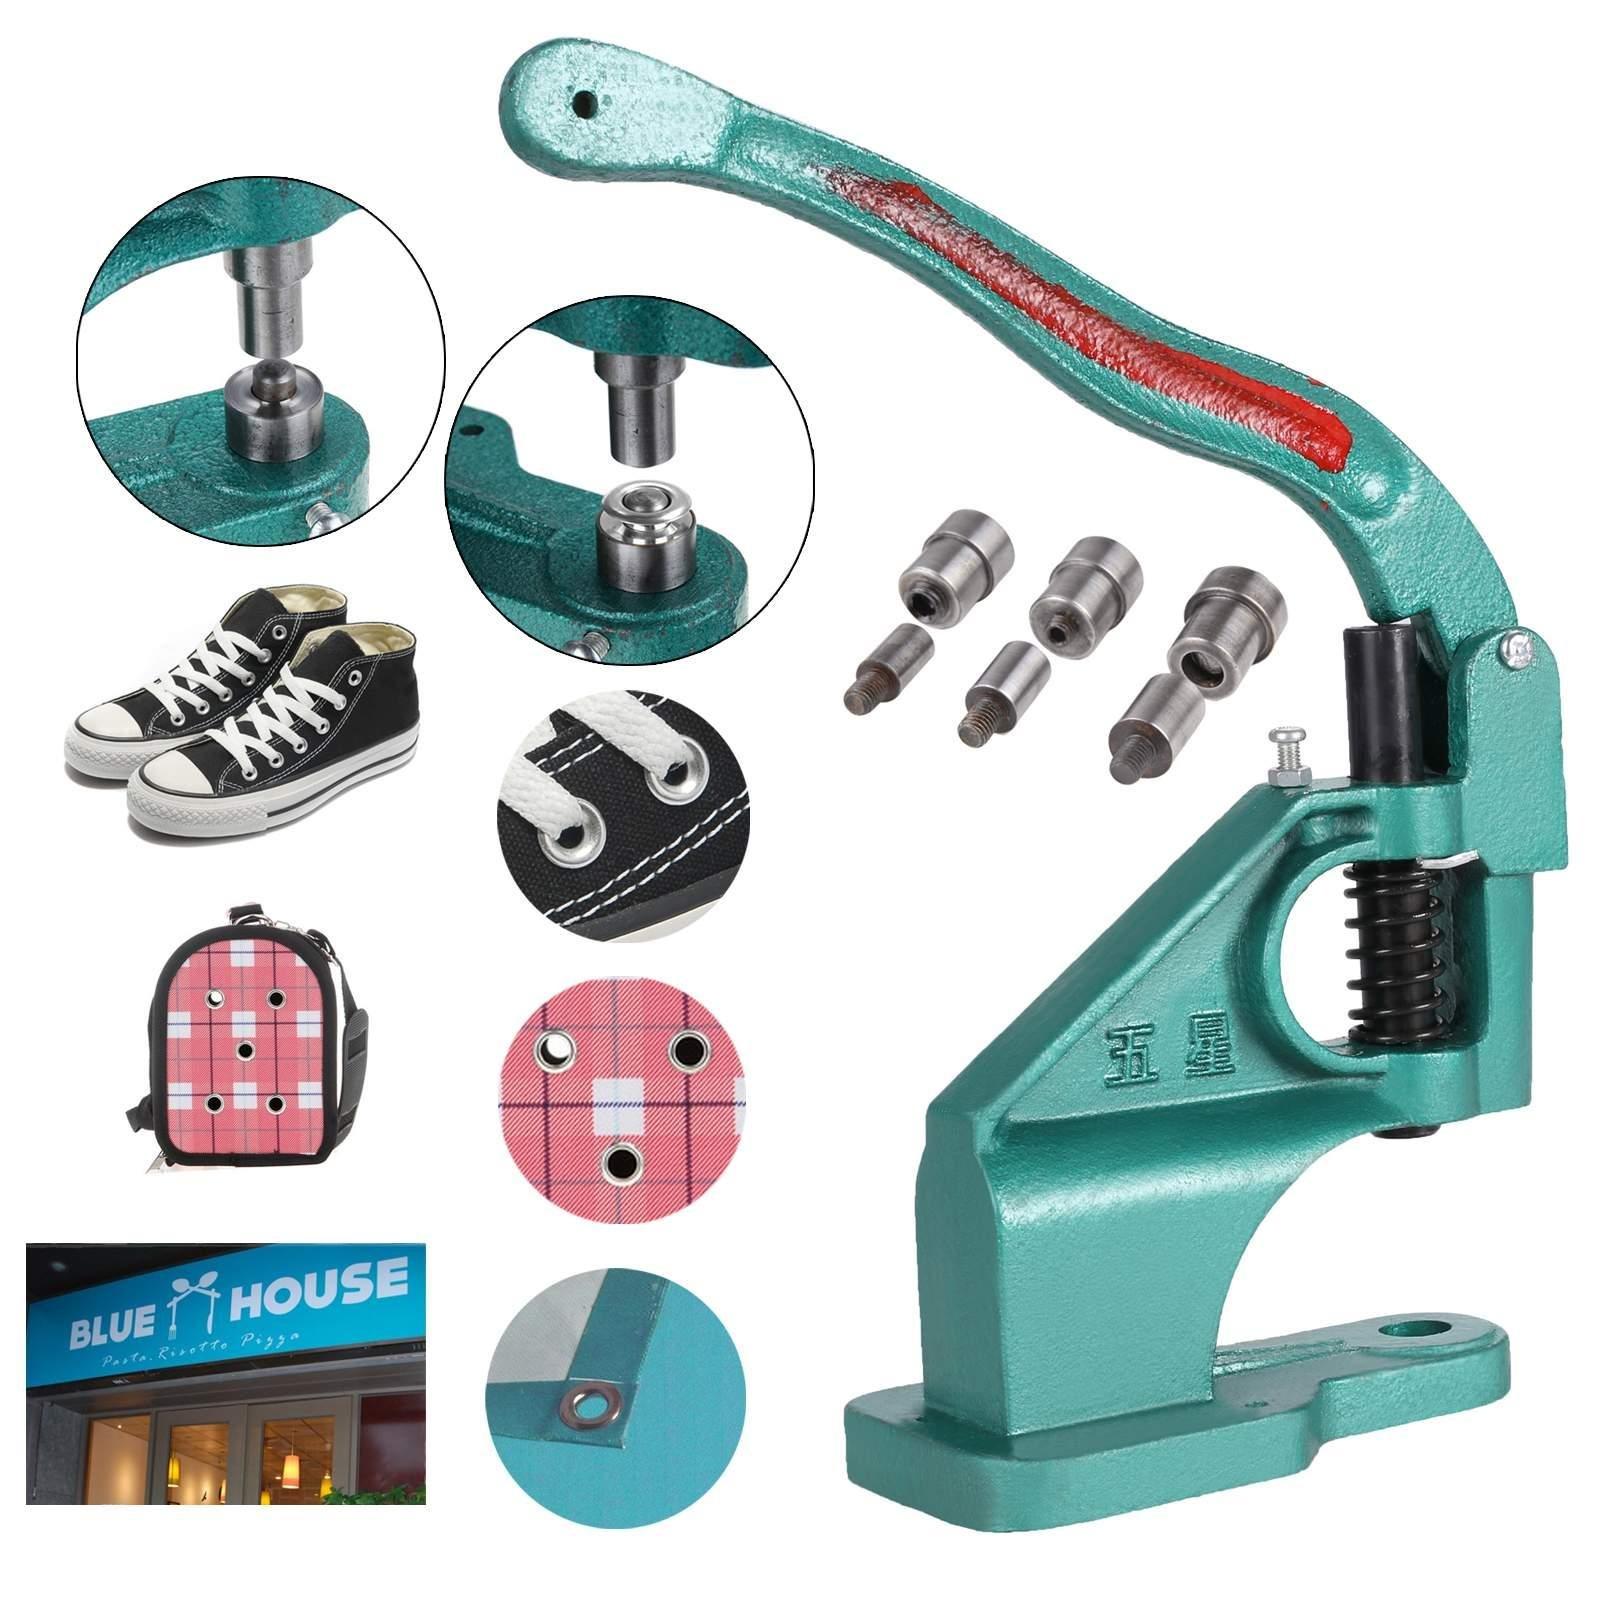 Rapesee Hand Grommet Machine 3 Die (#0#2#4) Manual Grommet Press Punch Tool Kit Eyelet Press Machine with 900 Grommets